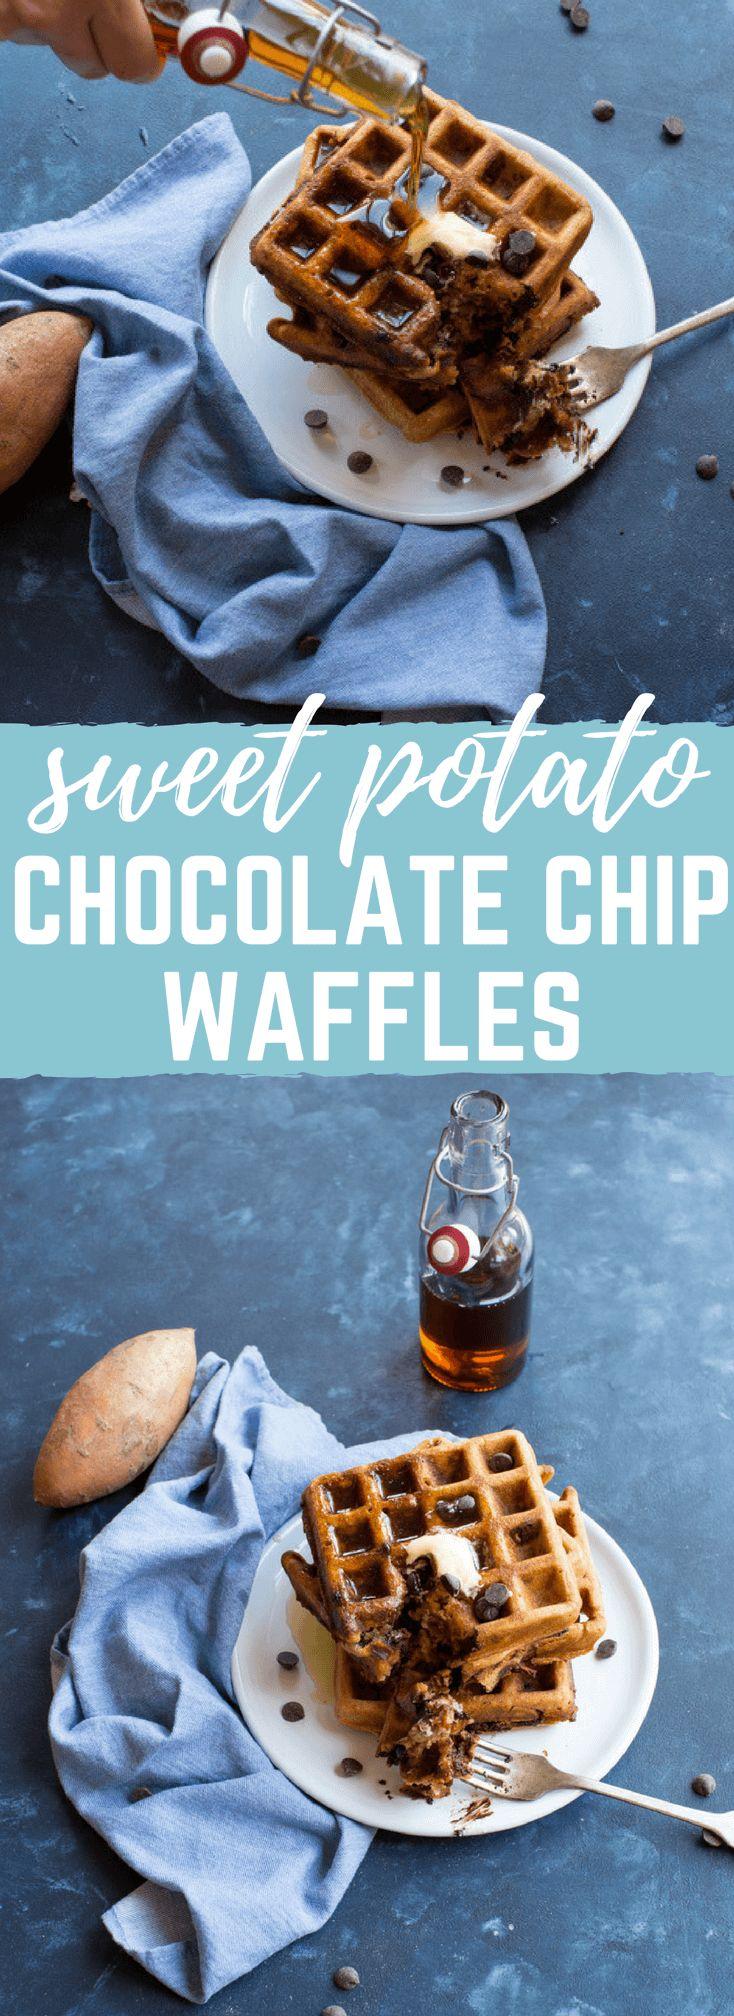 856 best Breakfast images on Pinterest